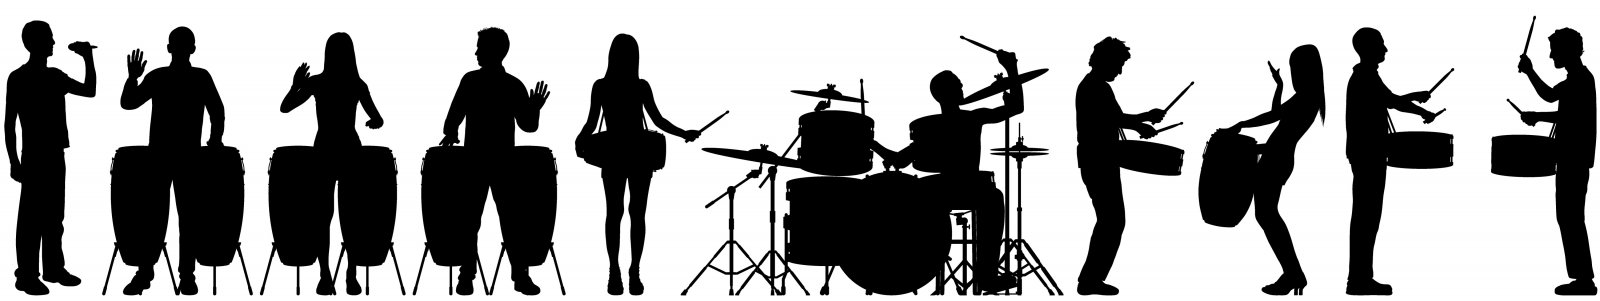 parnassos cultuucentrum parnassos live open podium muzikanten drum